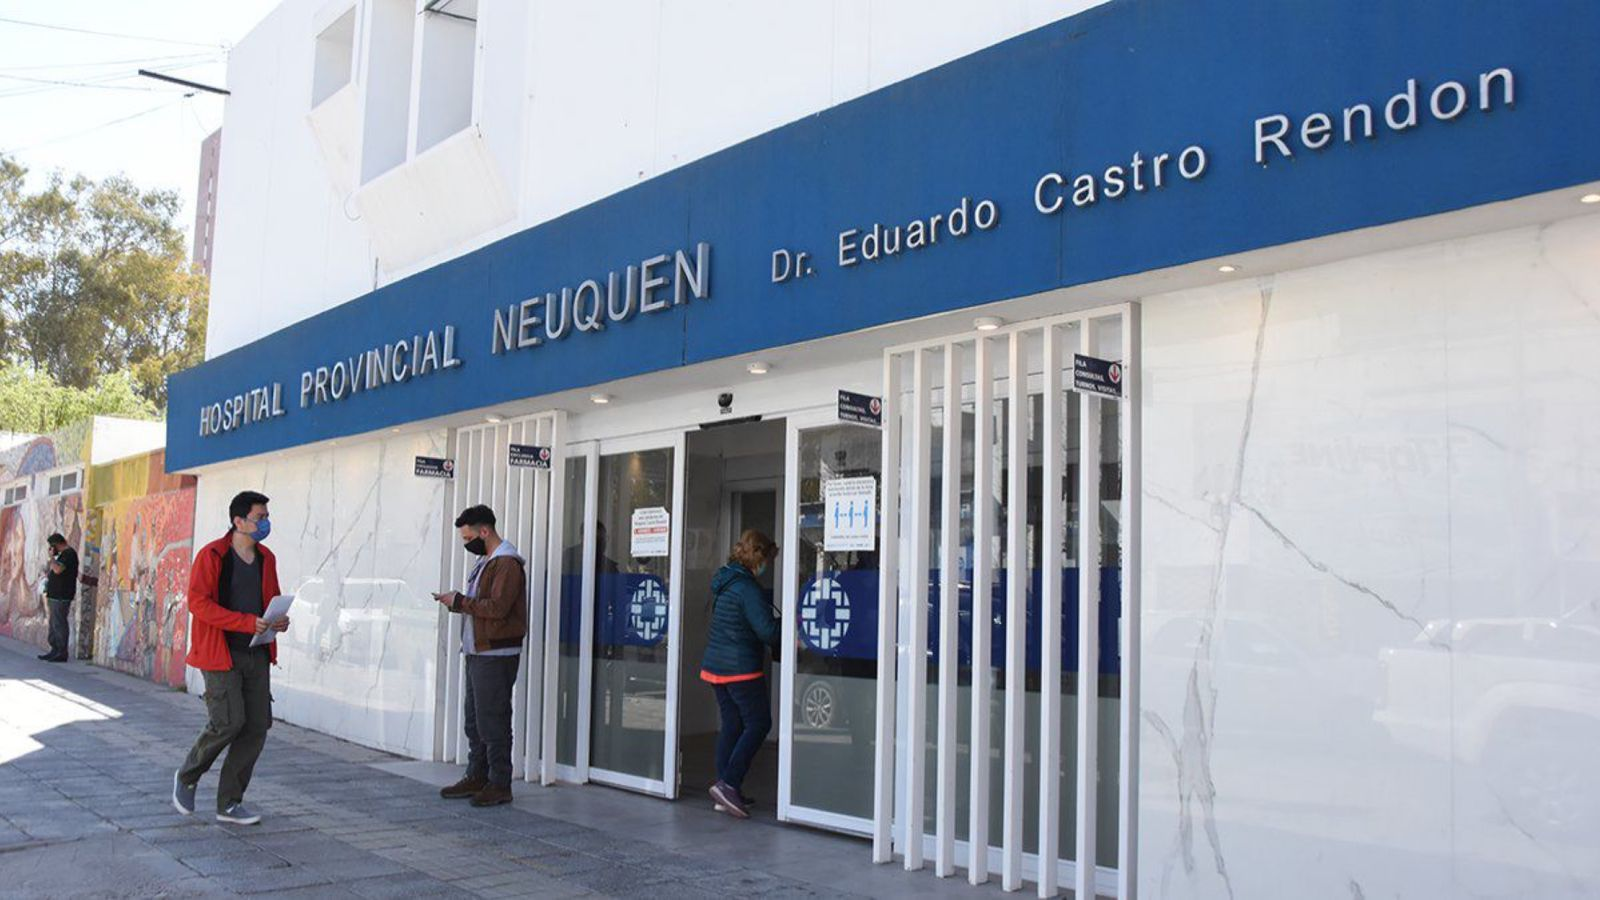 Castro Rendón